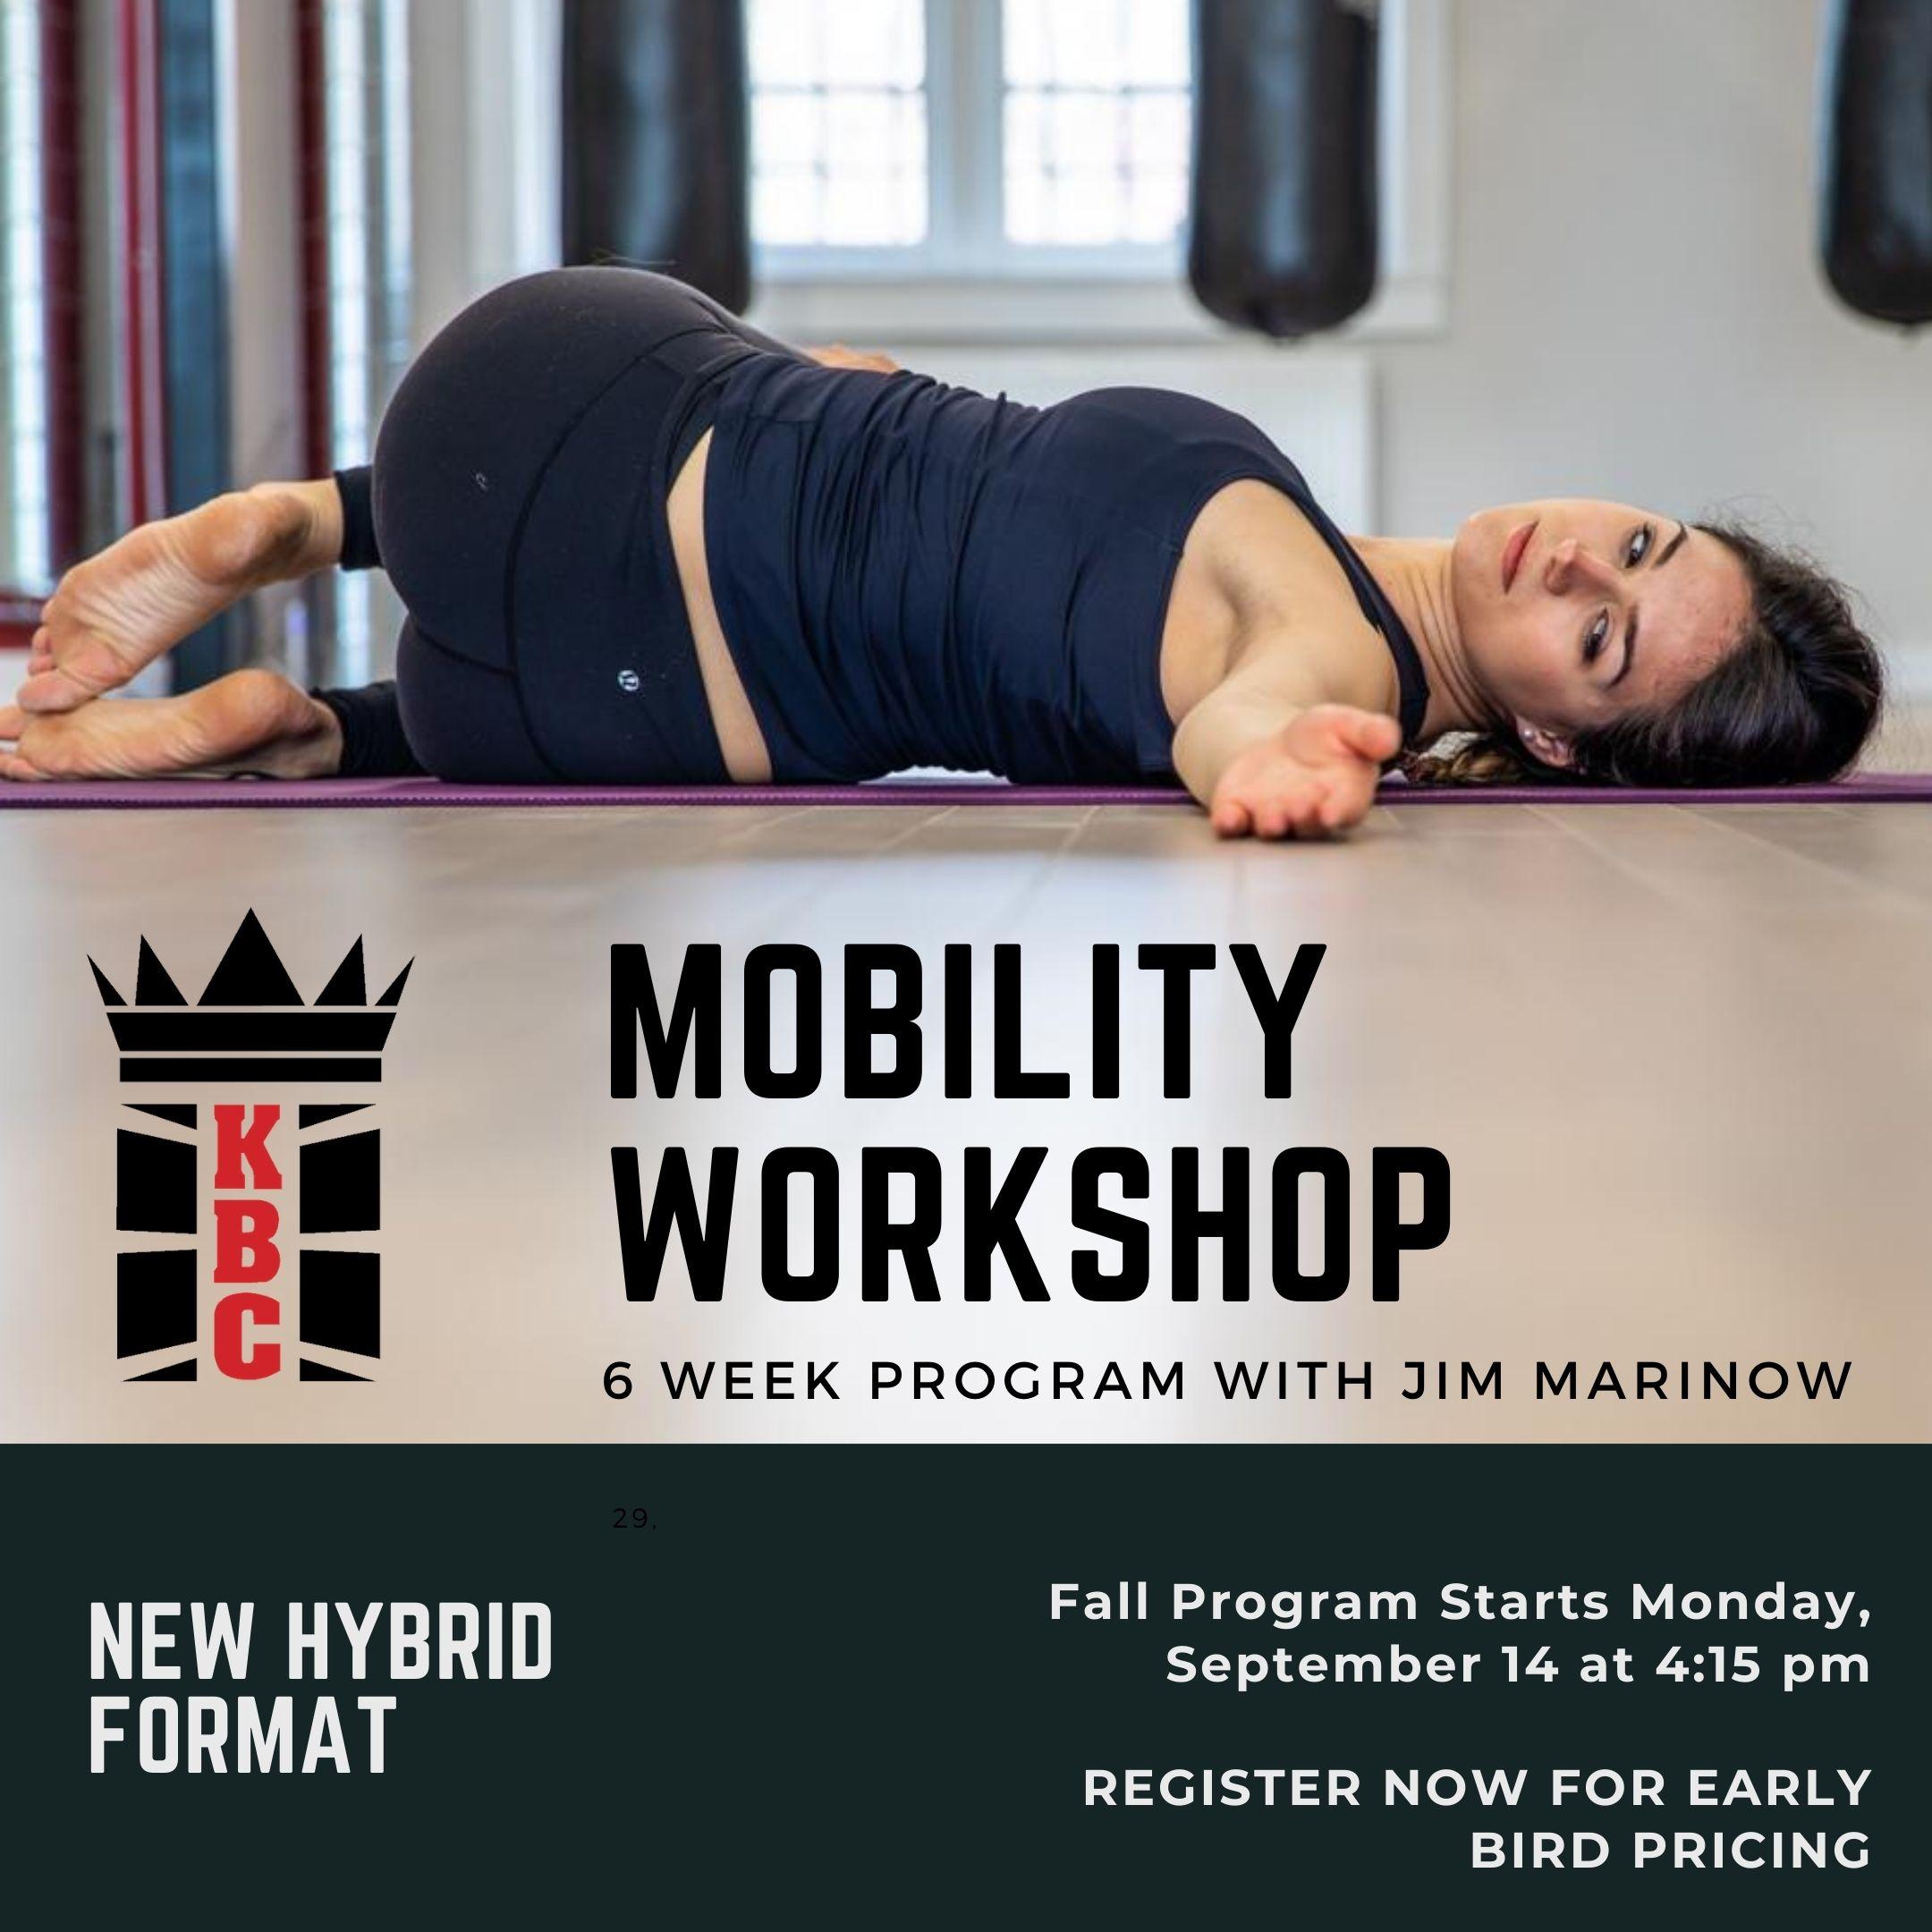 NEW PROGRAM – STABILITY-MOBILITY-STRENGTH 6 WEEK WORKSHOP WITH JIM MARINOW